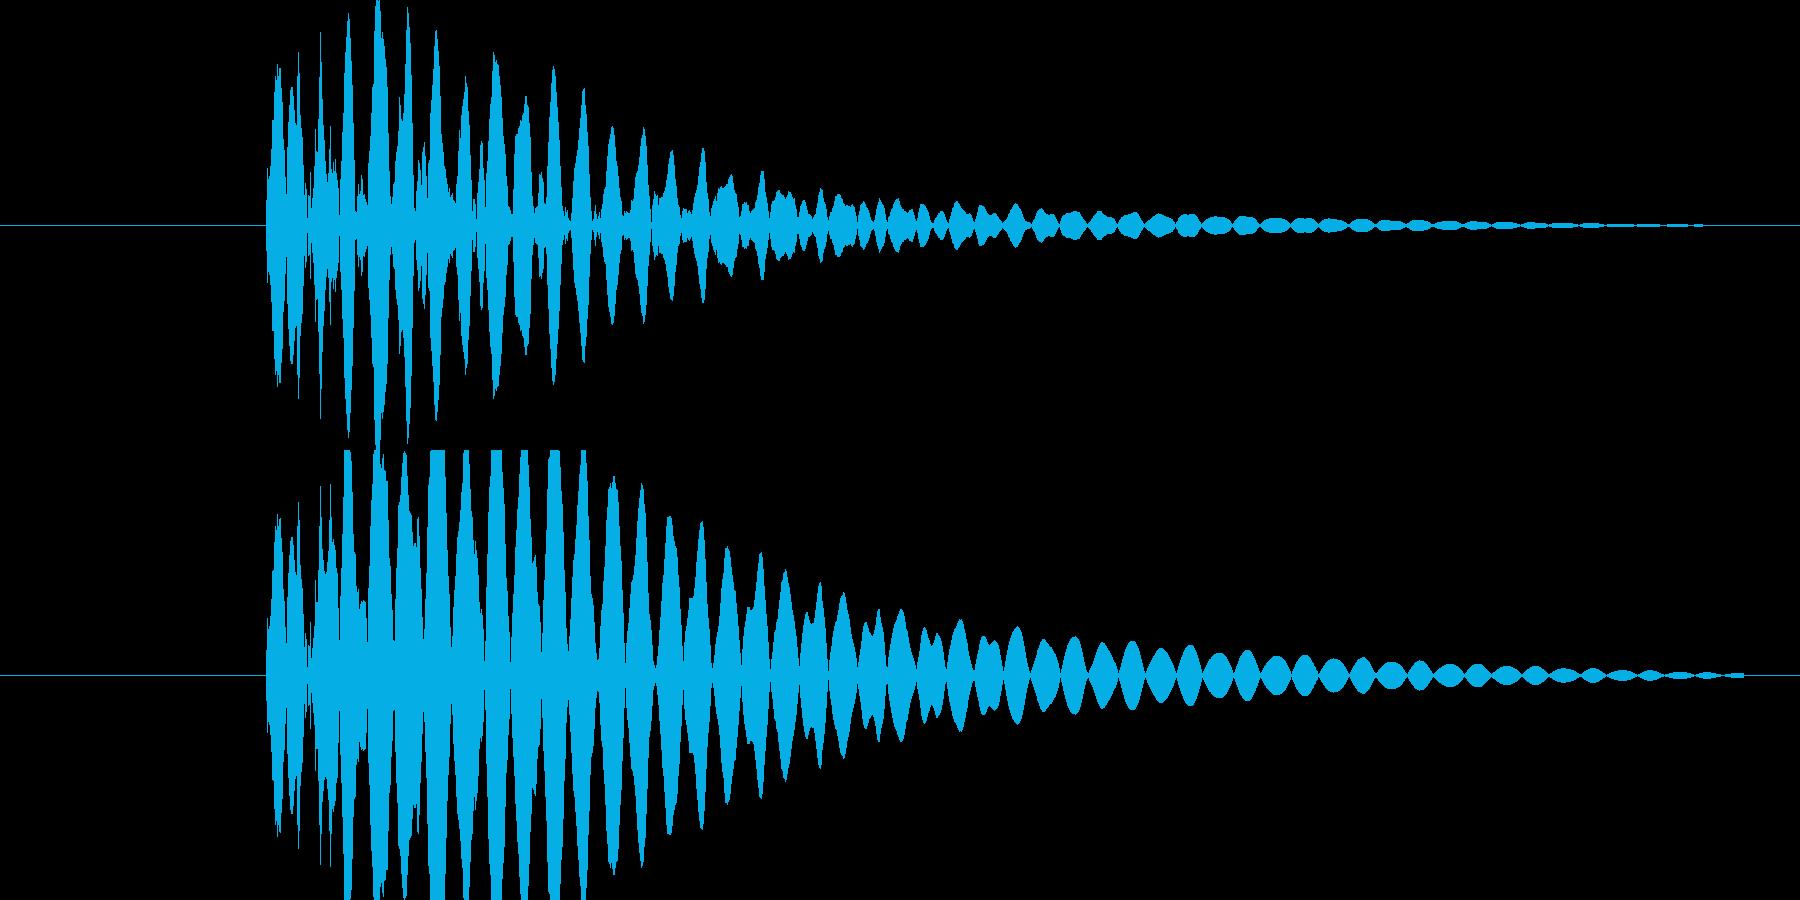 あまり残念感のないキャンセル音、メニュ…の再生済みの波形